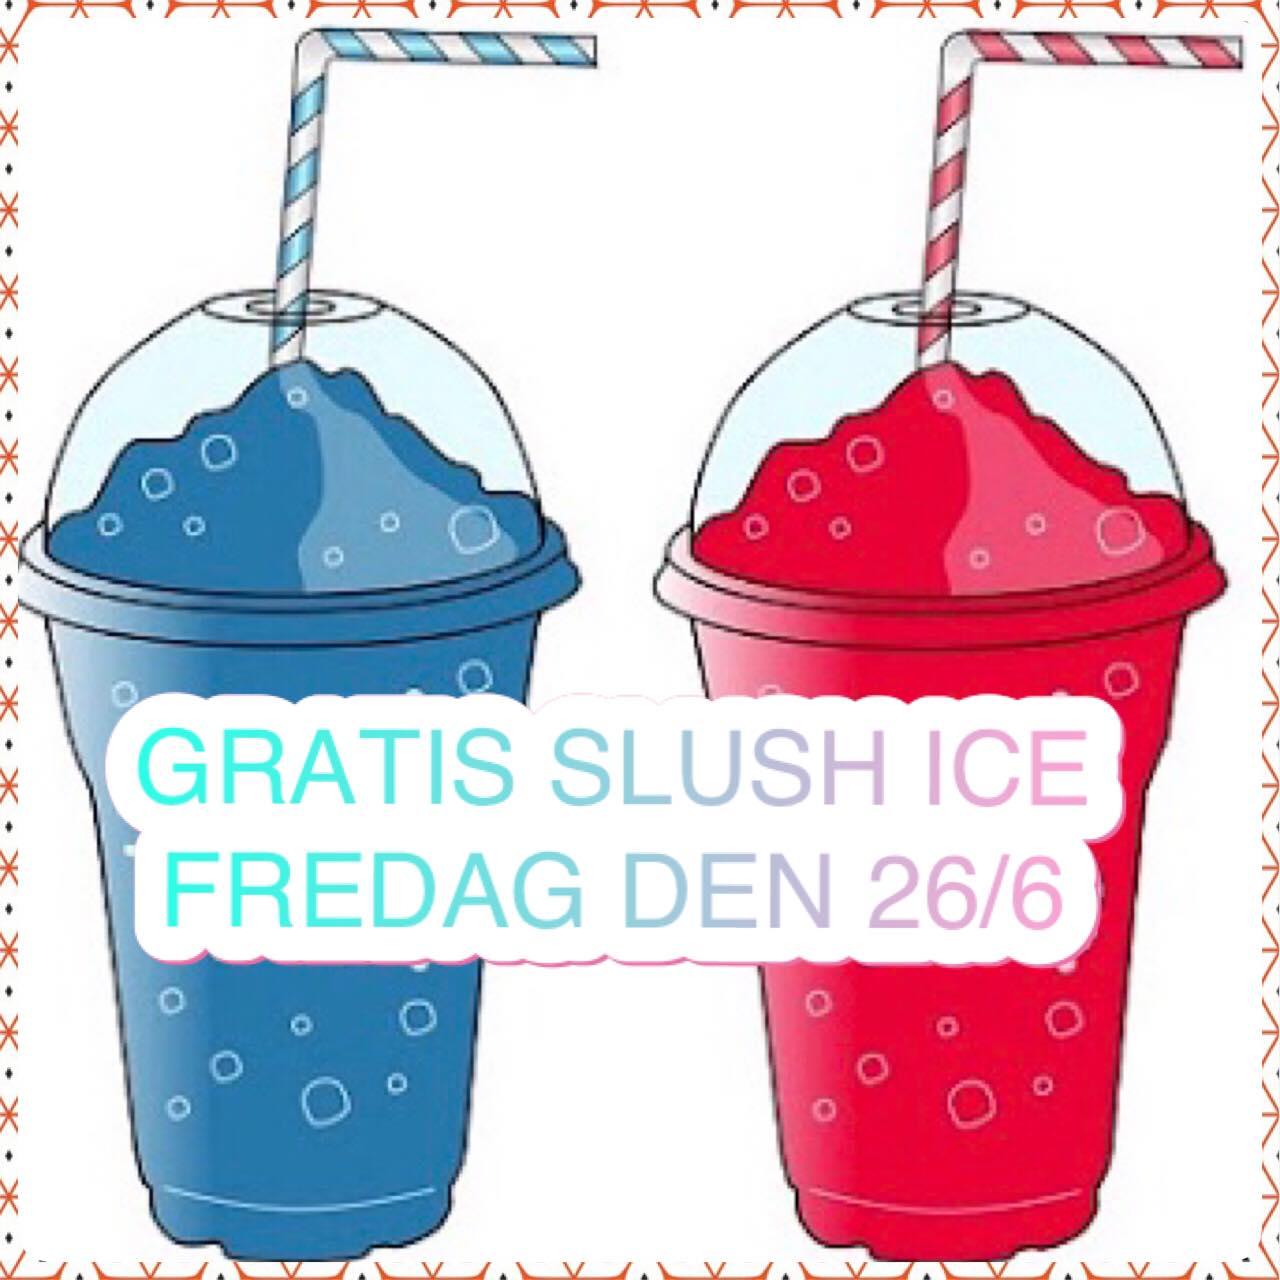 INbetween byder på gratis slush ice